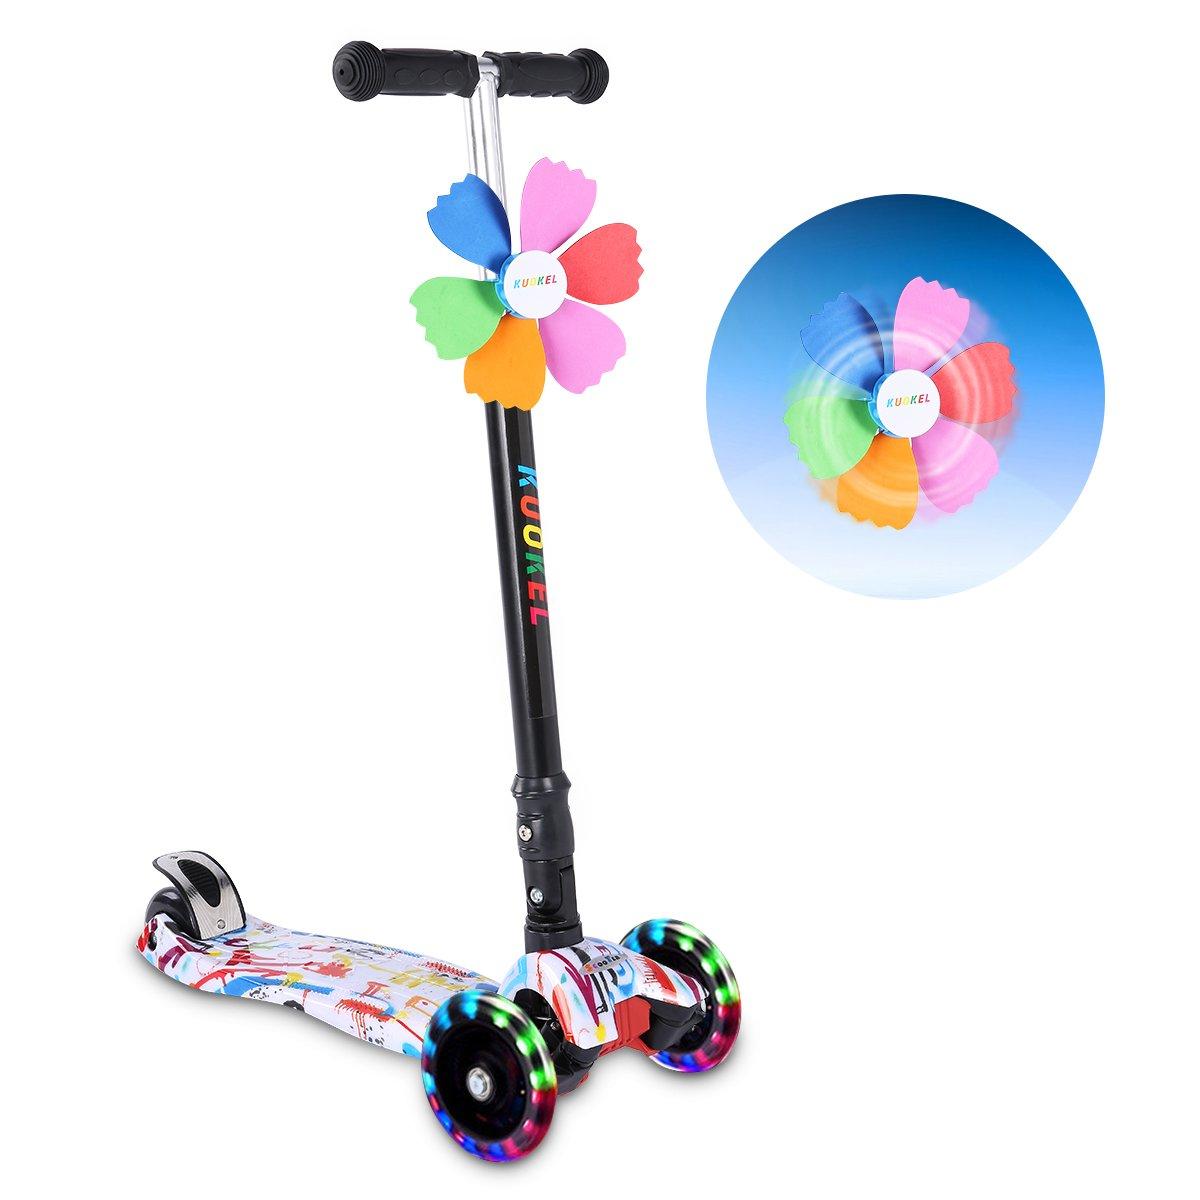 KUOKEL Patinete de 3 Ruedas con Diseño Scooter Plegable de la PU para los niños Ajustables